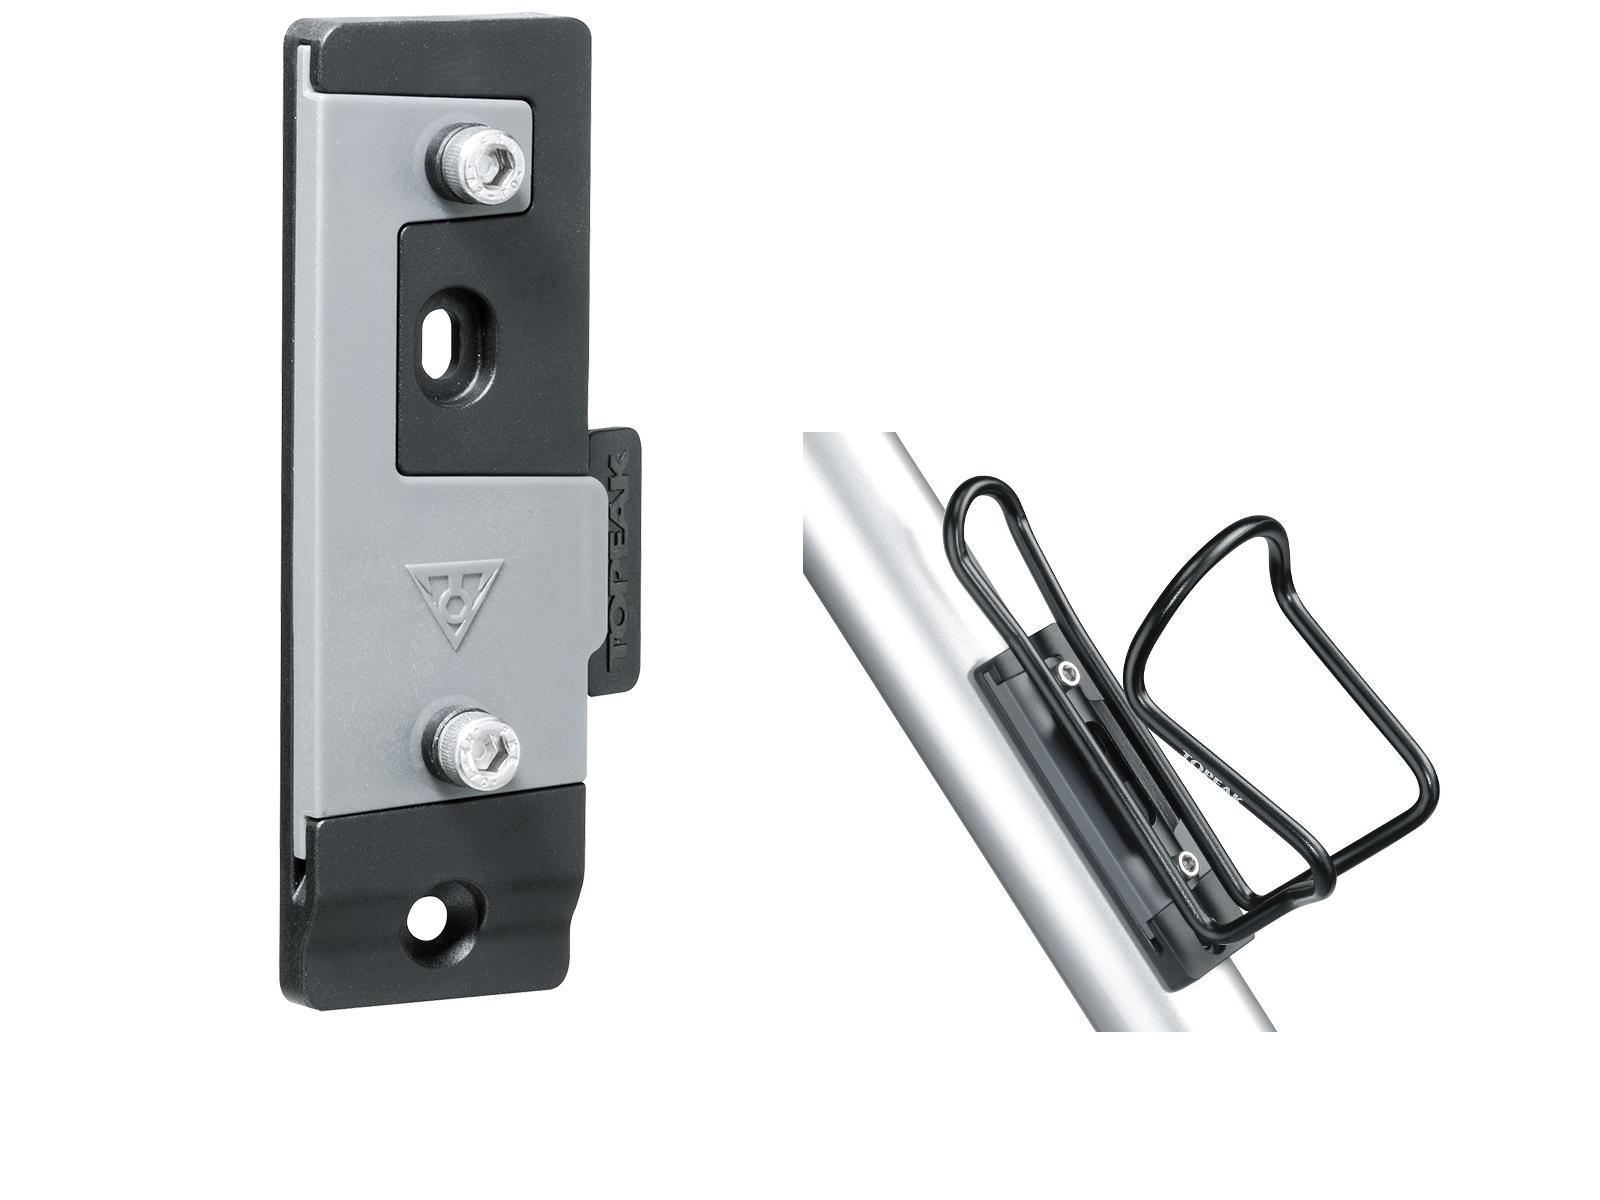 Topeak QR CageMount Schnellverschluss-System für Bidonhalter